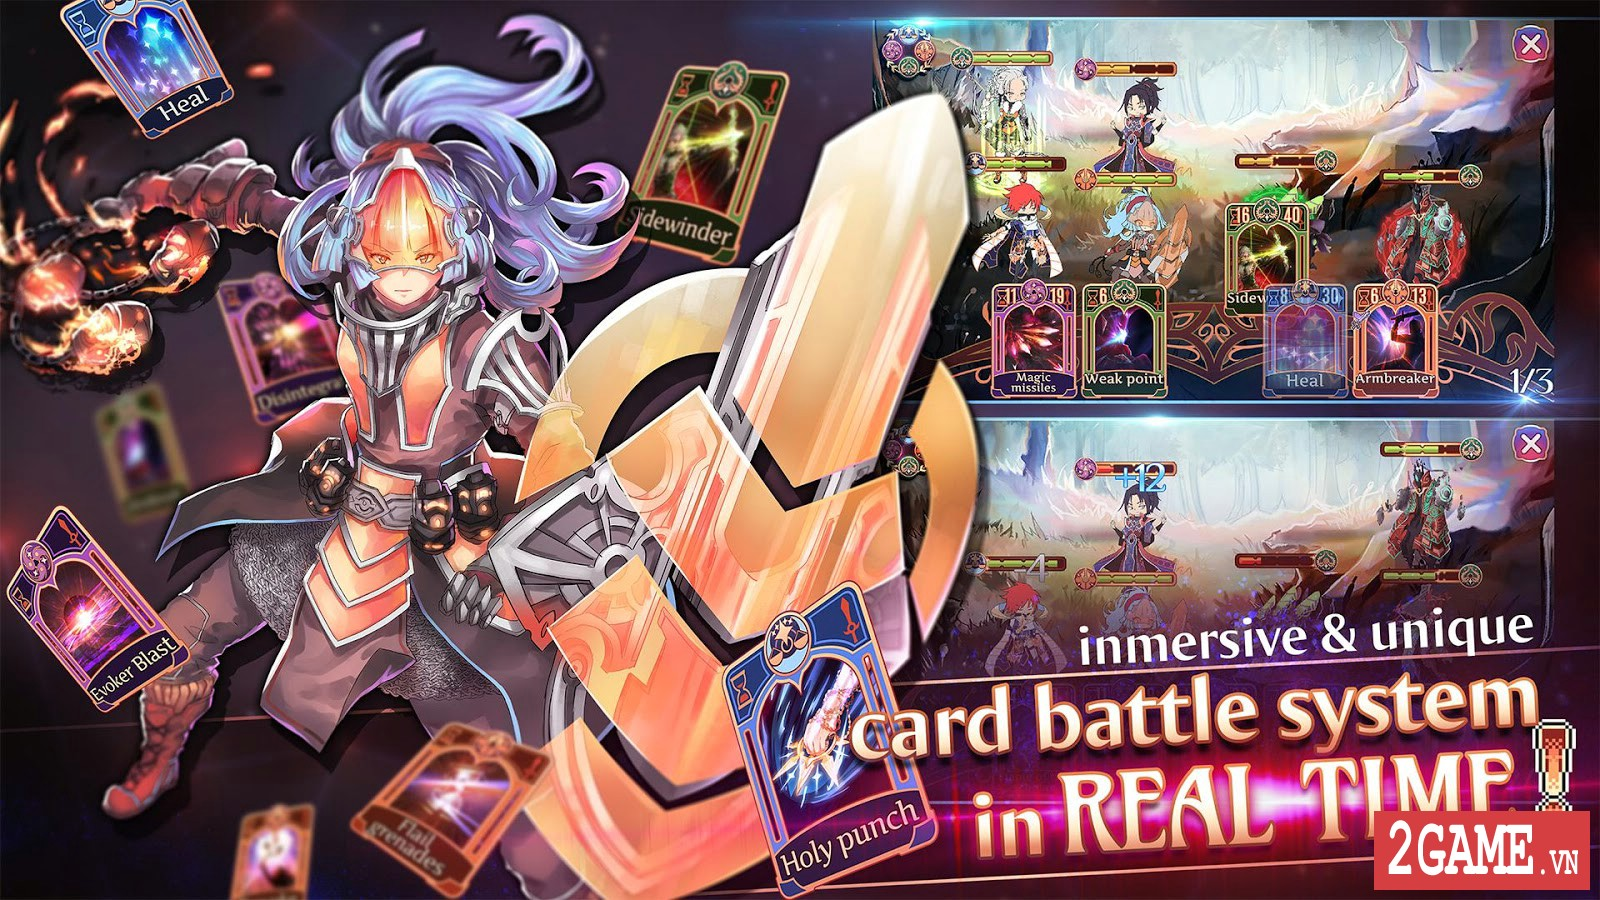 Golden Arcana: Tactics – Game đấu thẻ bài kết hợp nhập vai mang đậm phong cách anime 2